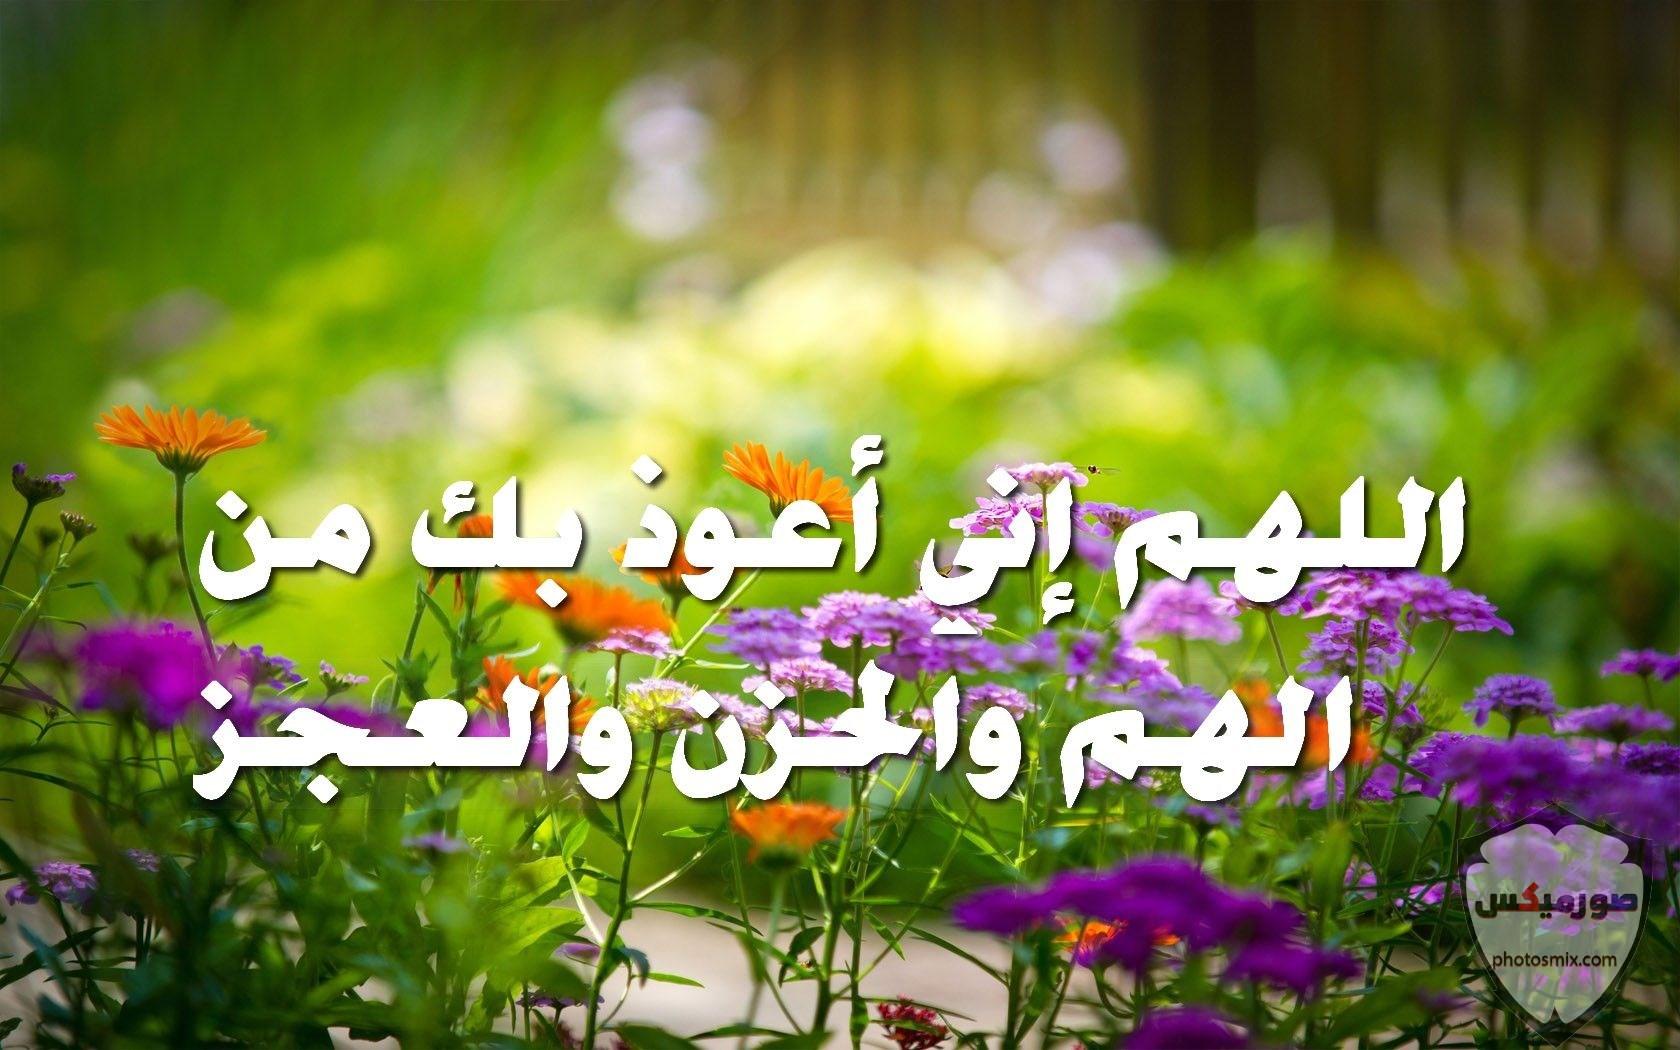 تحميل صور قرآن صور ادعية صور دعاء صور ايمانية صور مسلمين واسلام للموبايل والكمبيوتر 2020 8